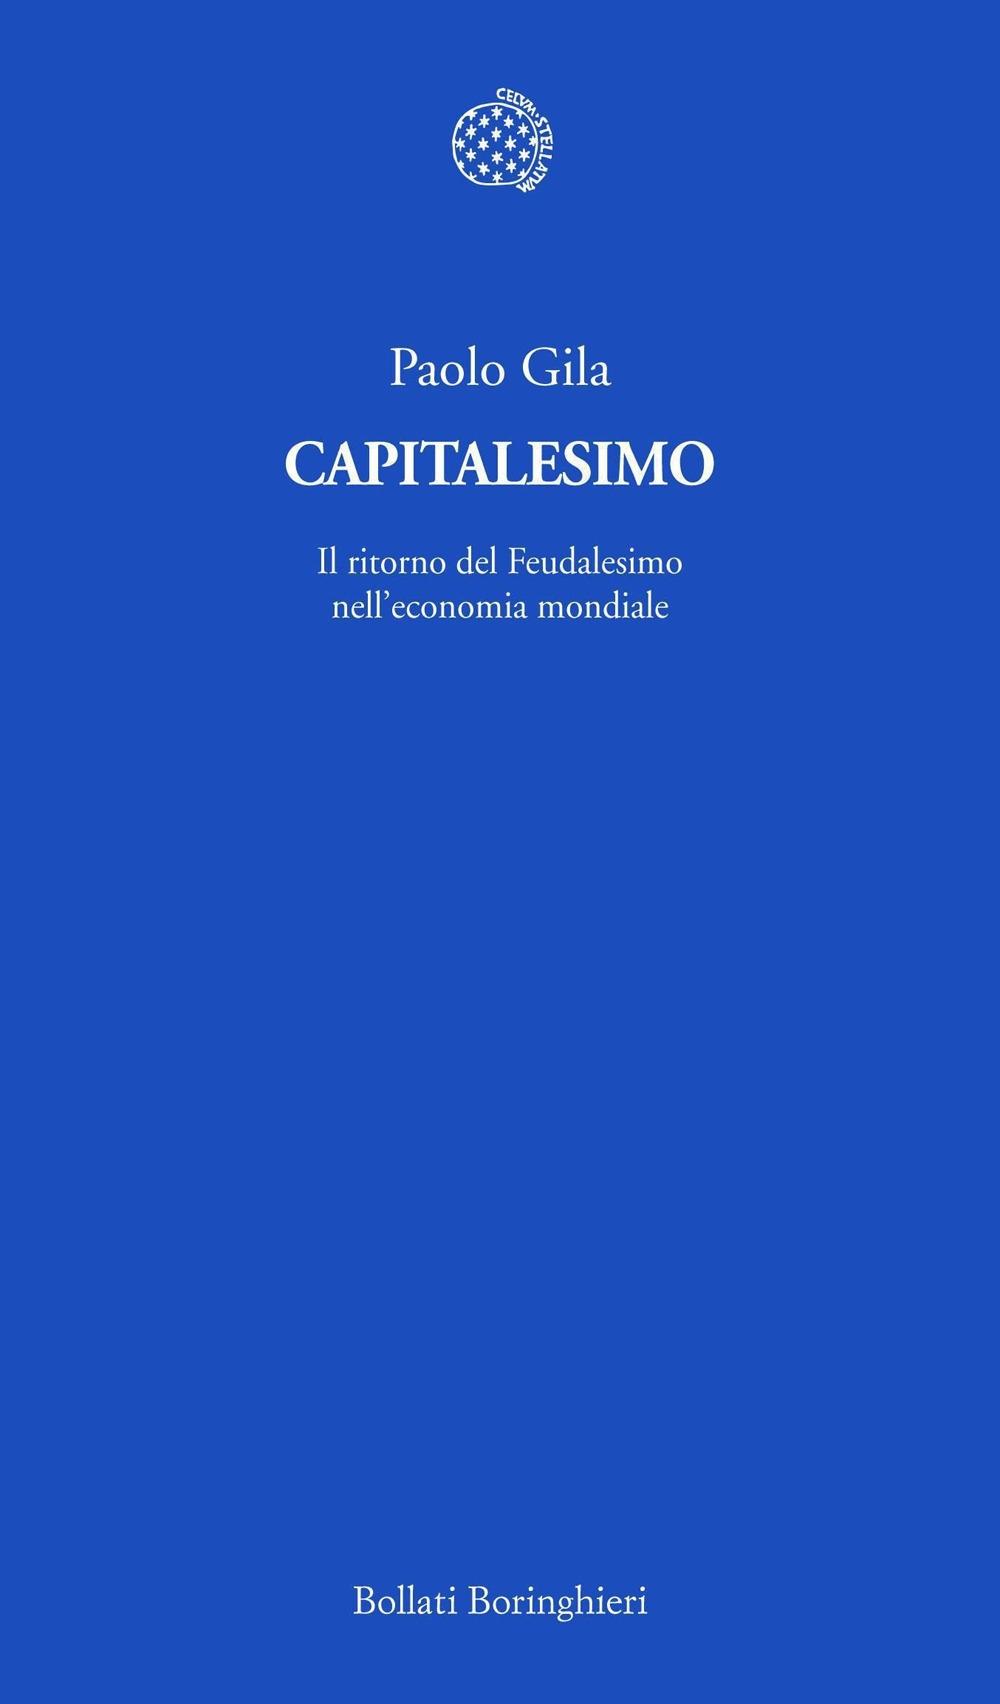 Capitalesimo. Il ritorno del Feudalesimo nell'economia mondiale